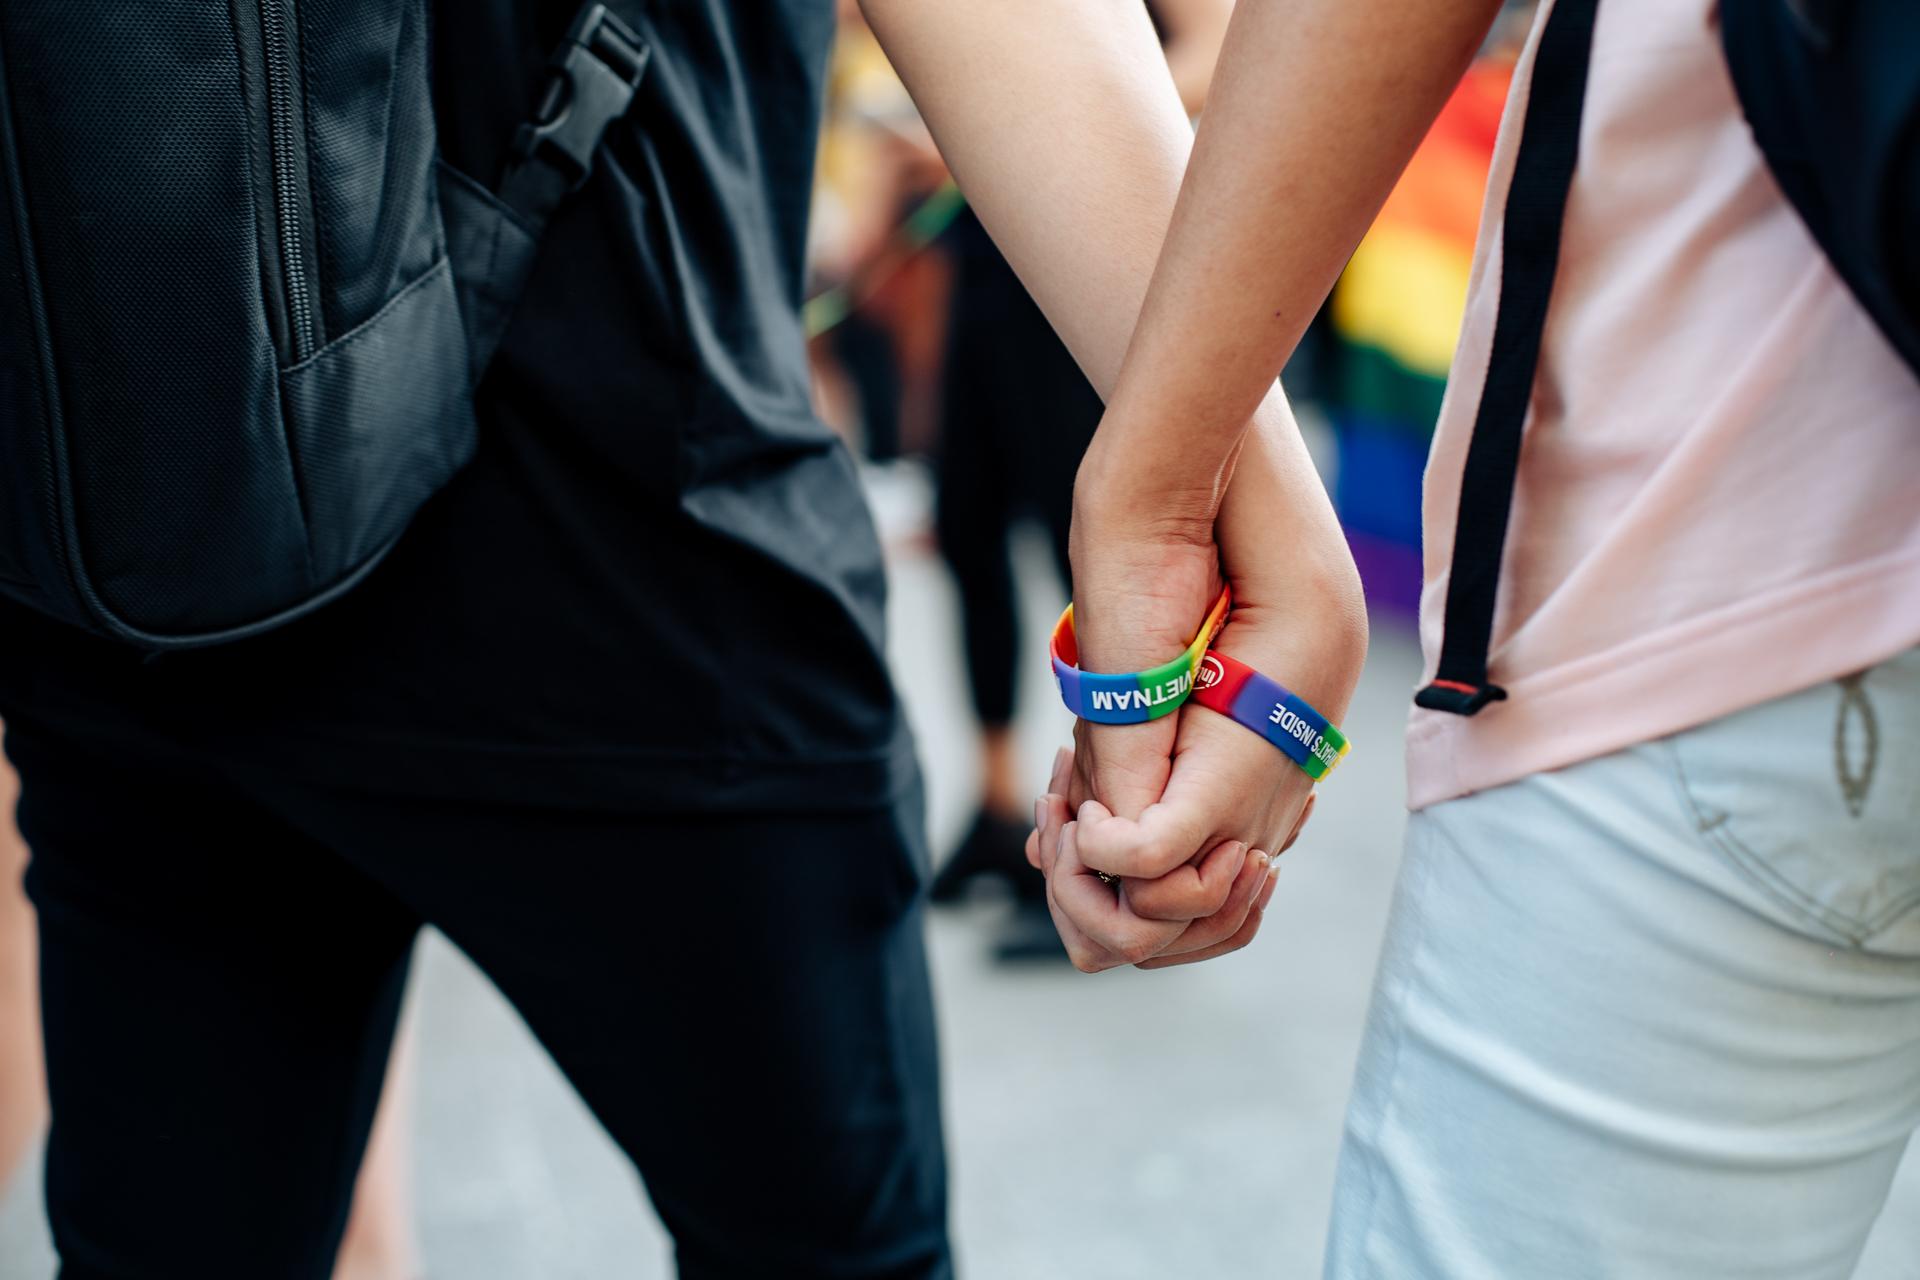 VietPride 2019, Ho Chi Minh, Vietnam (2019)